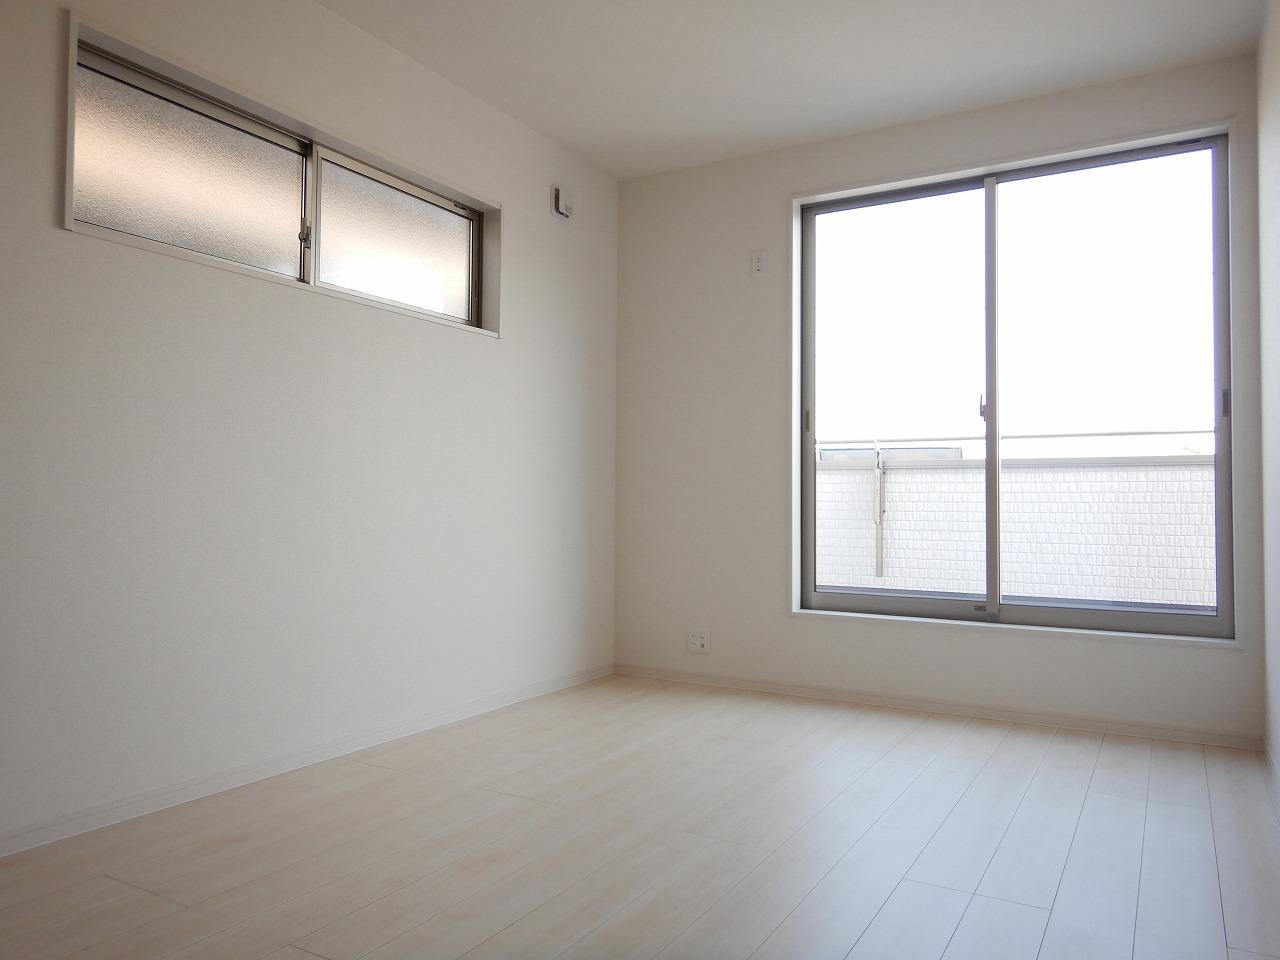 バルコニーに面した明るい洋室♪施工事例。実際のものと異なります。